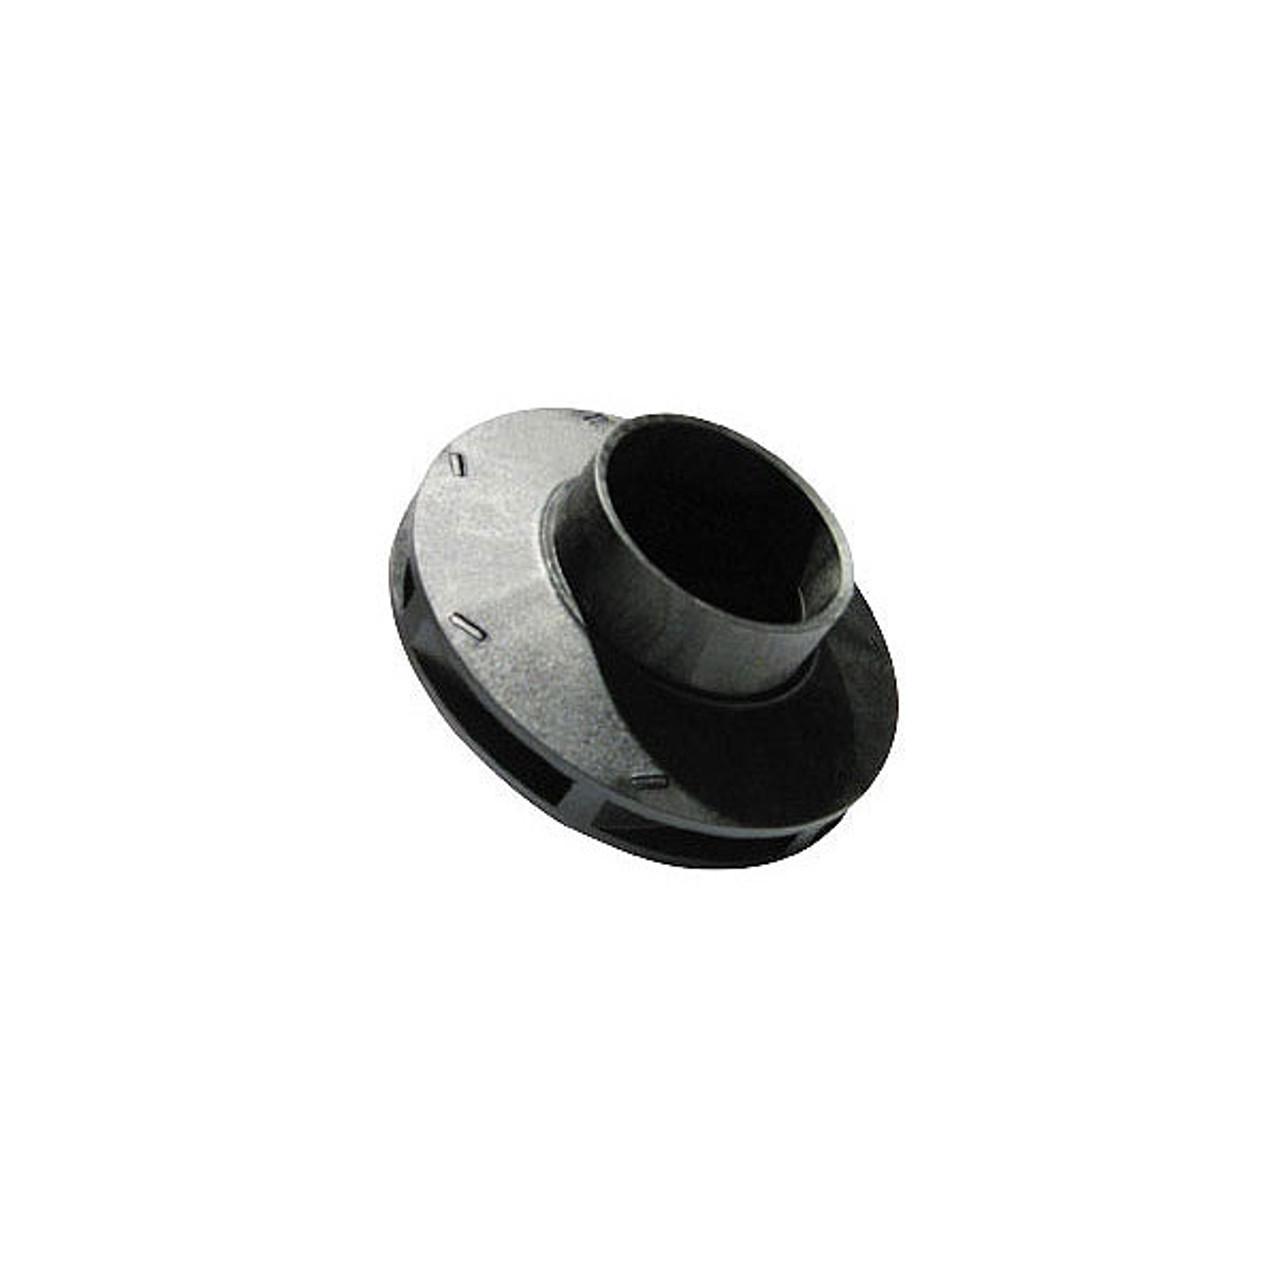 Gecko Aquaflo XP2 1.5 HP Impeller-91694150